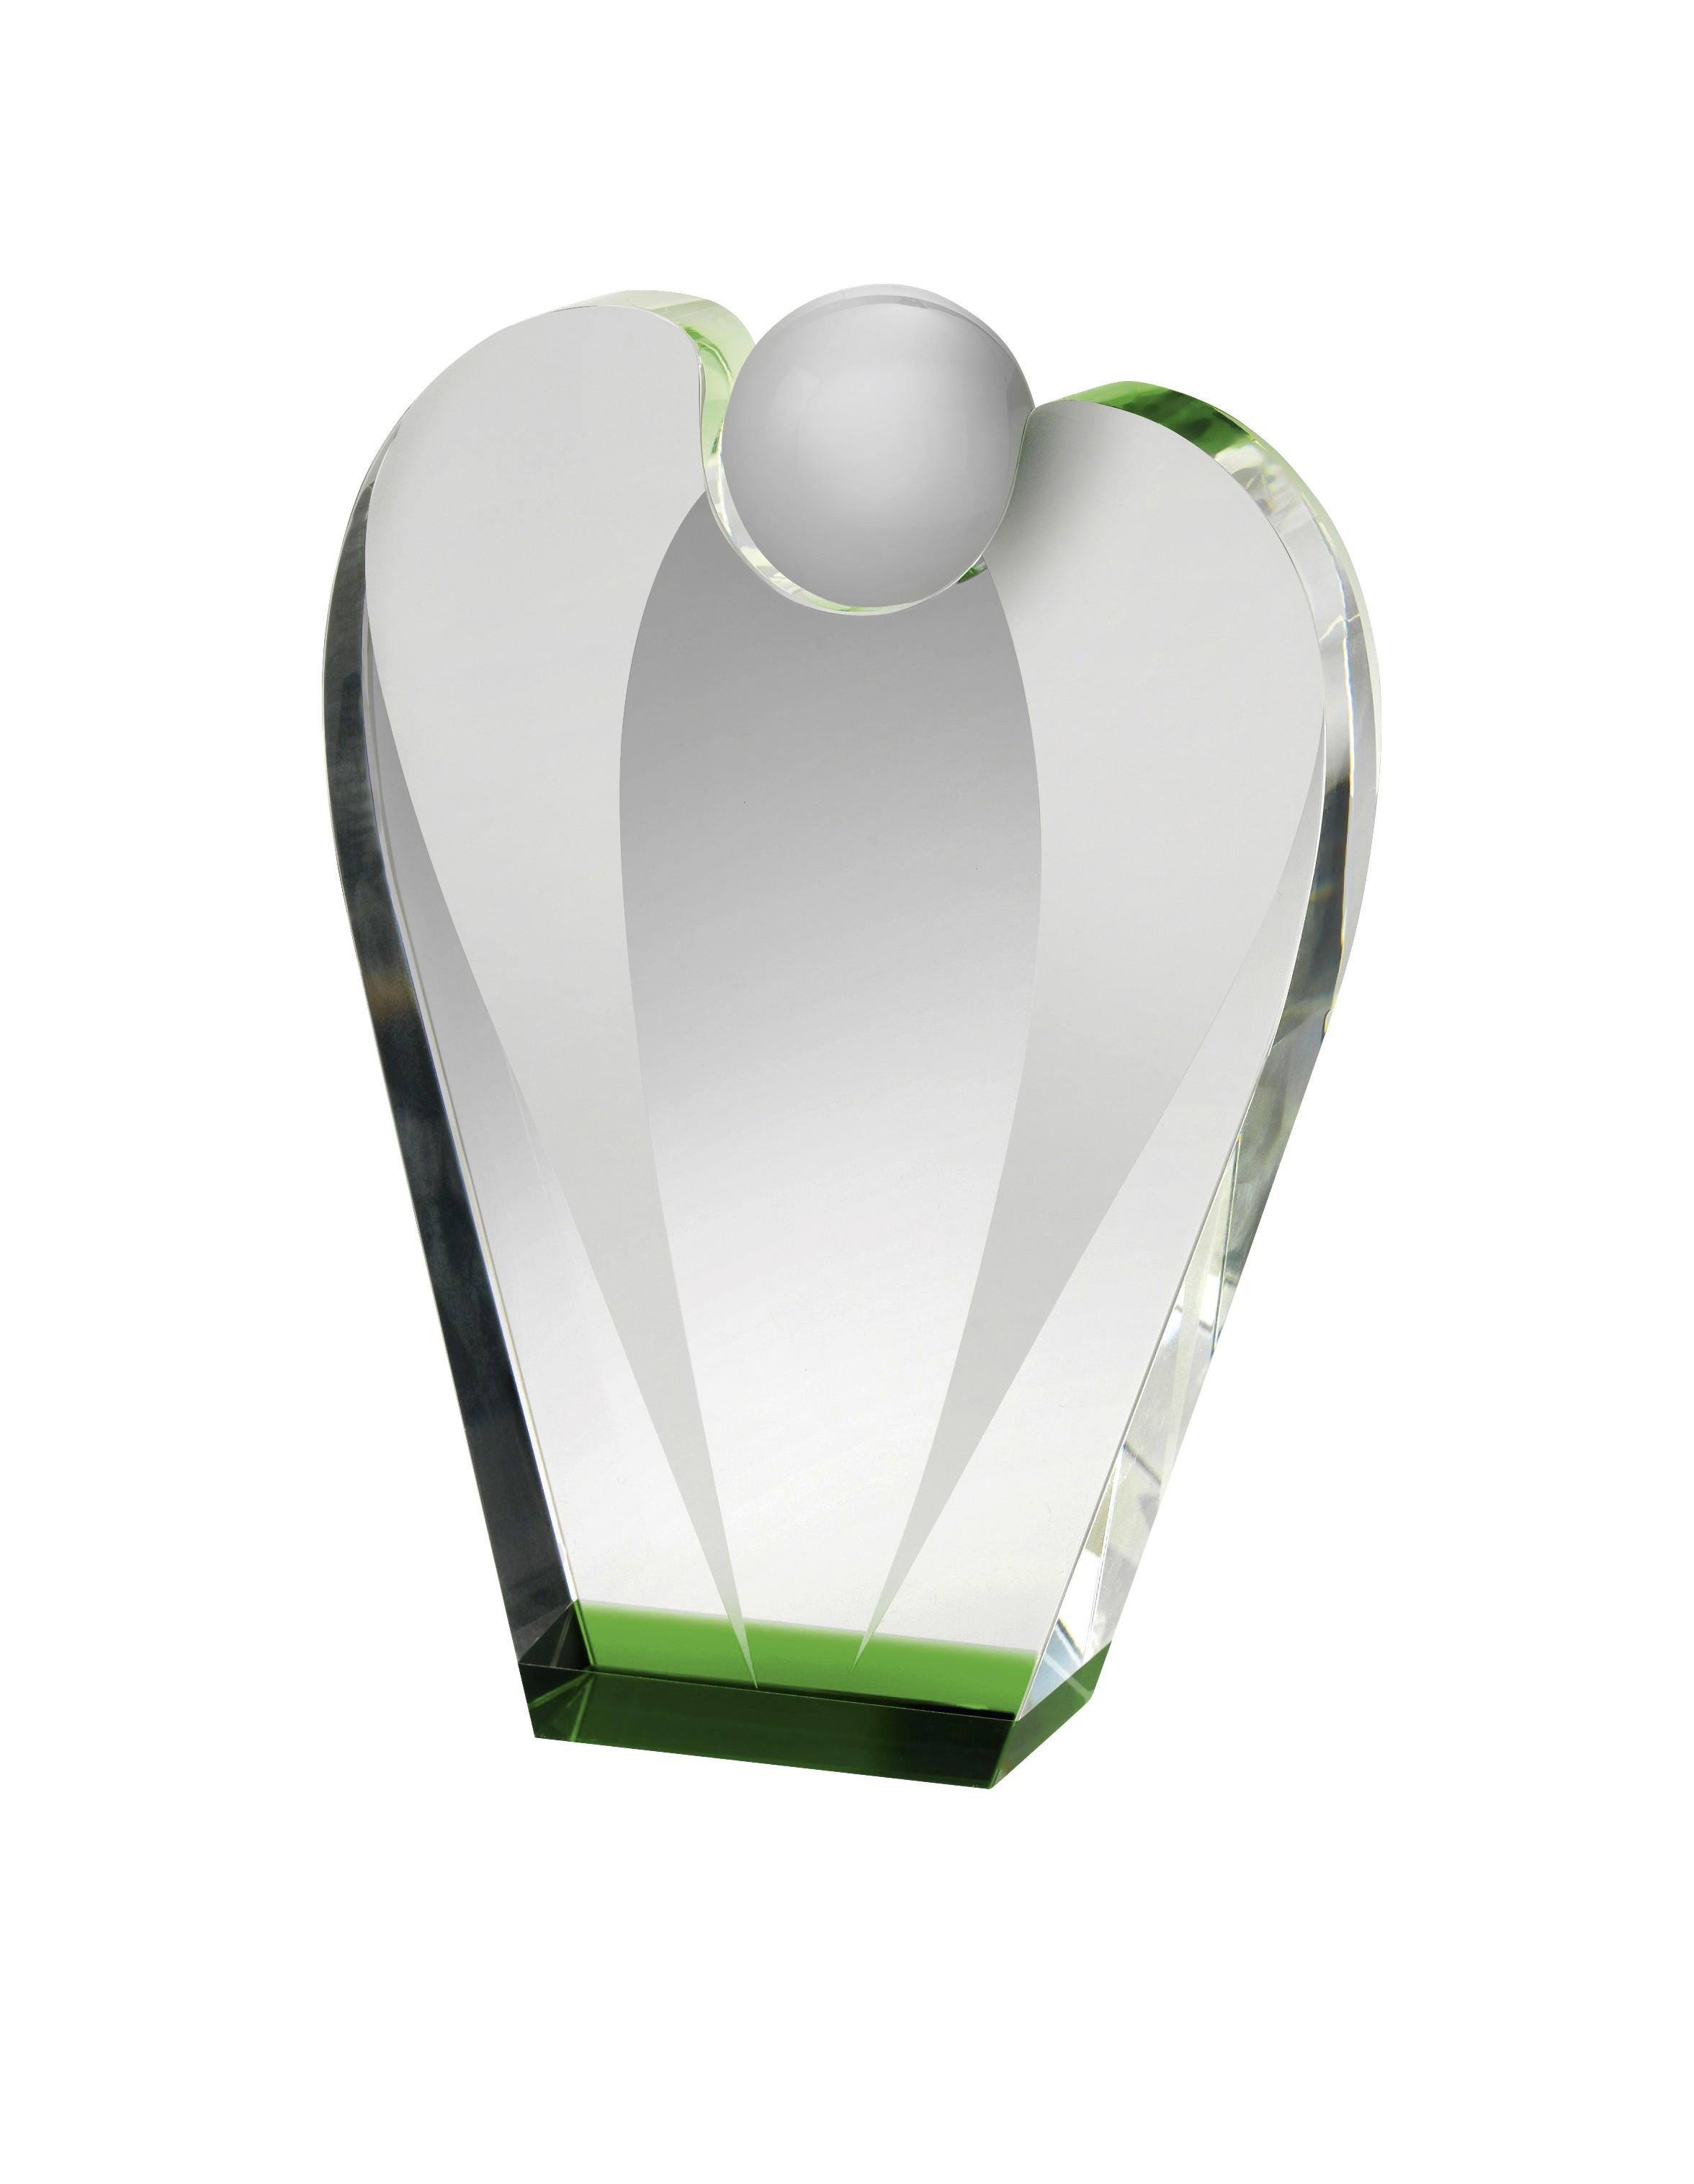 LG 20cm Crystal Award Boxed